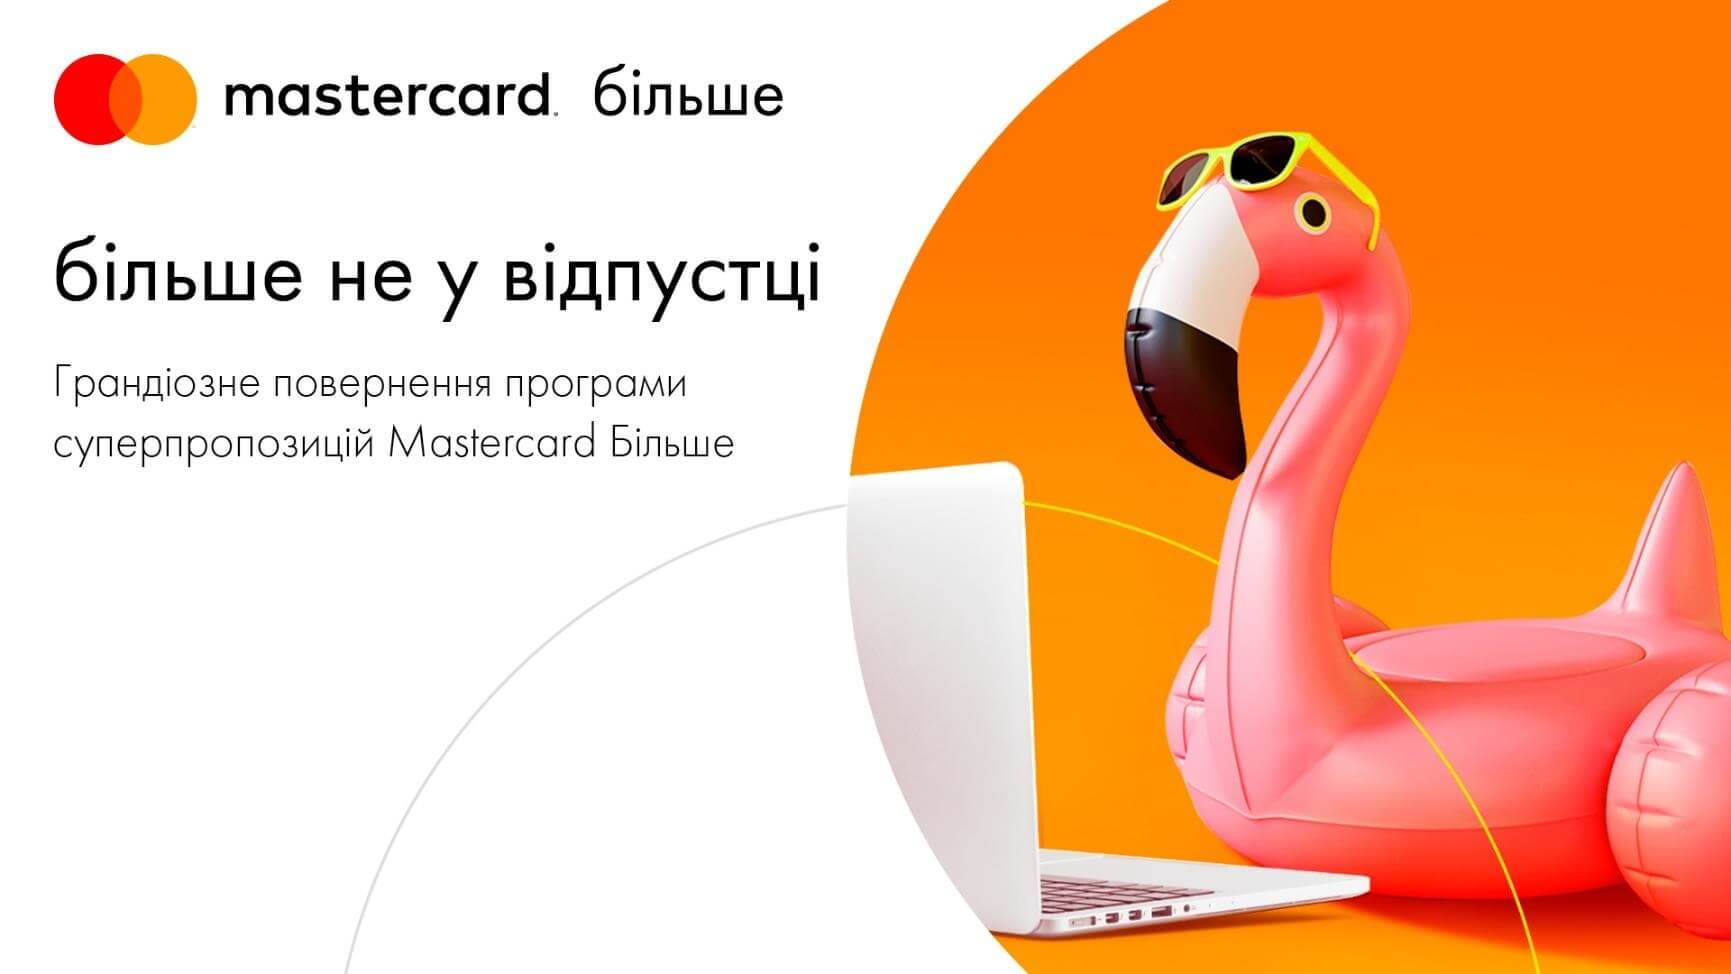 Mastercard Більше повертається з відпустки! - фото - mtb.ua